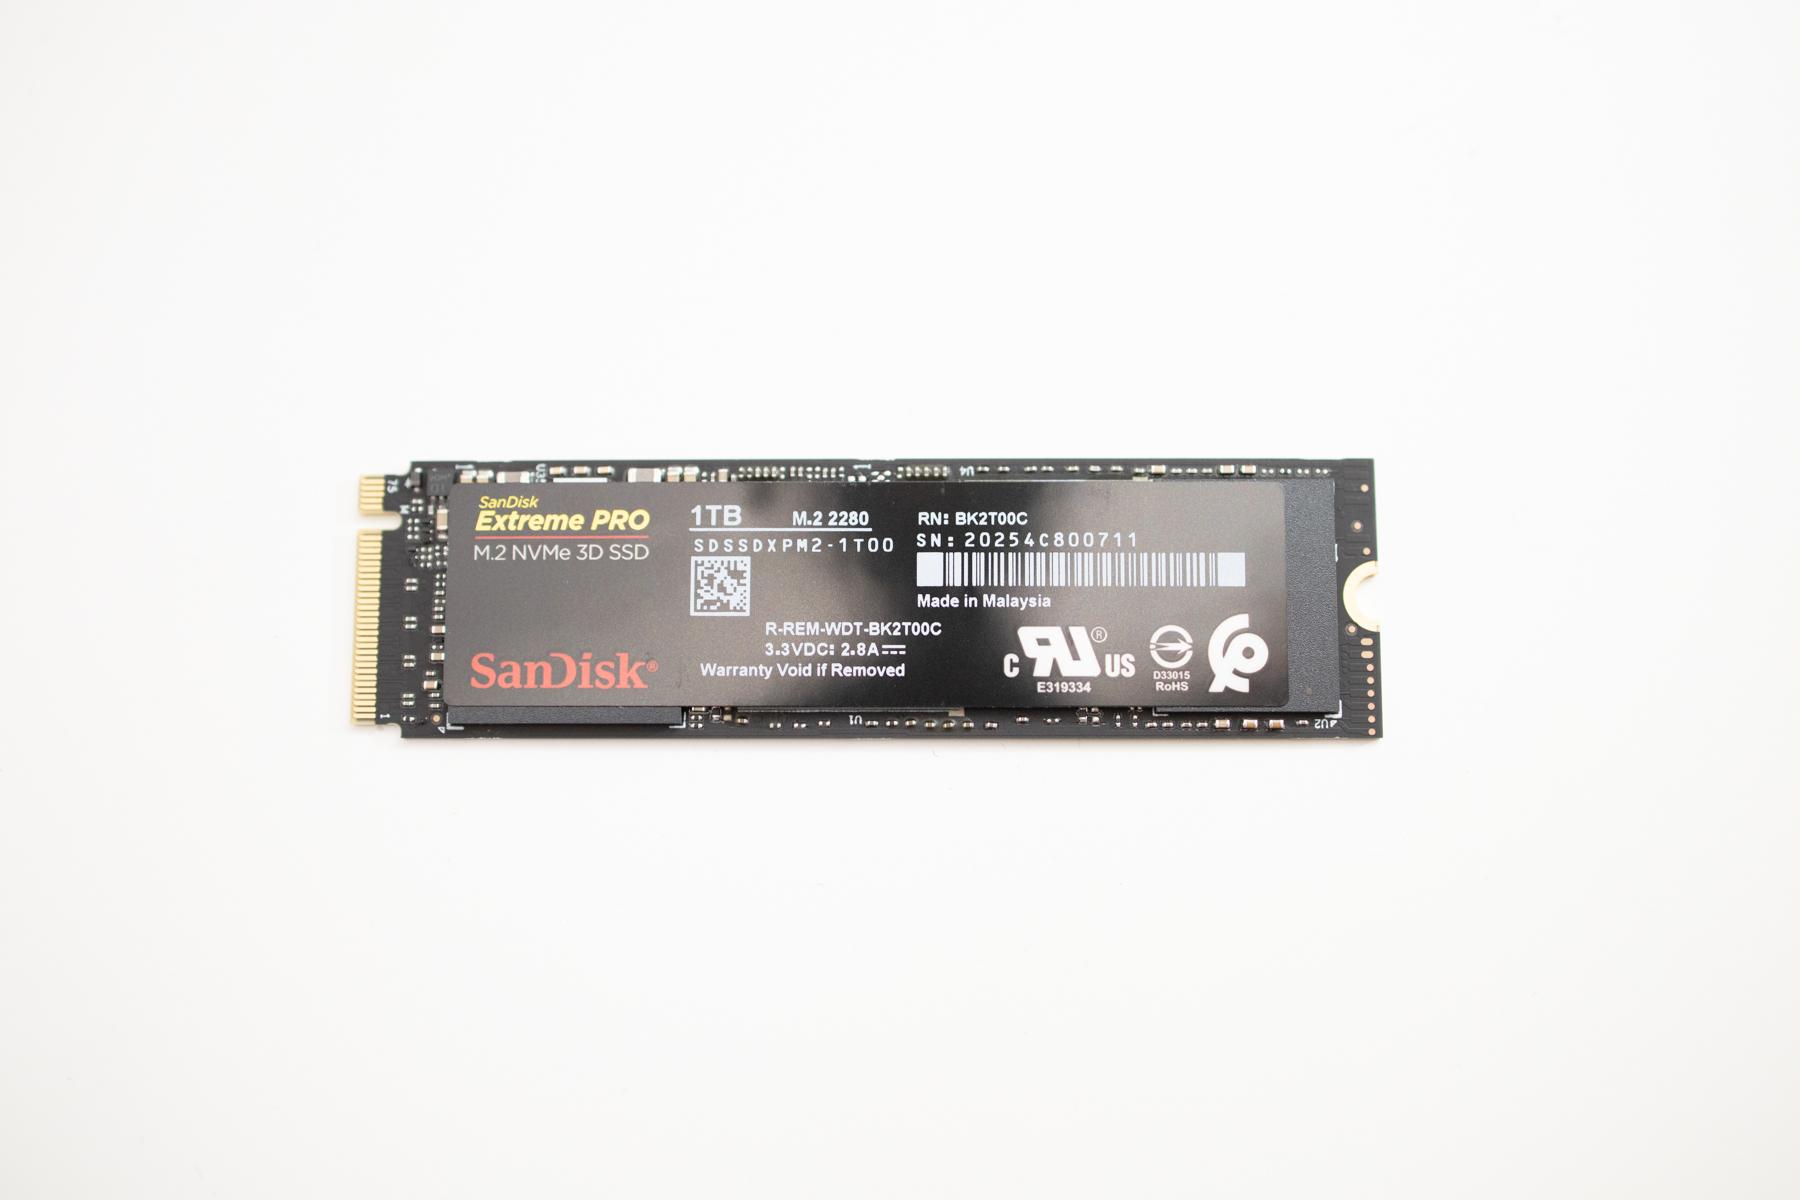 SSD thinkpad x13